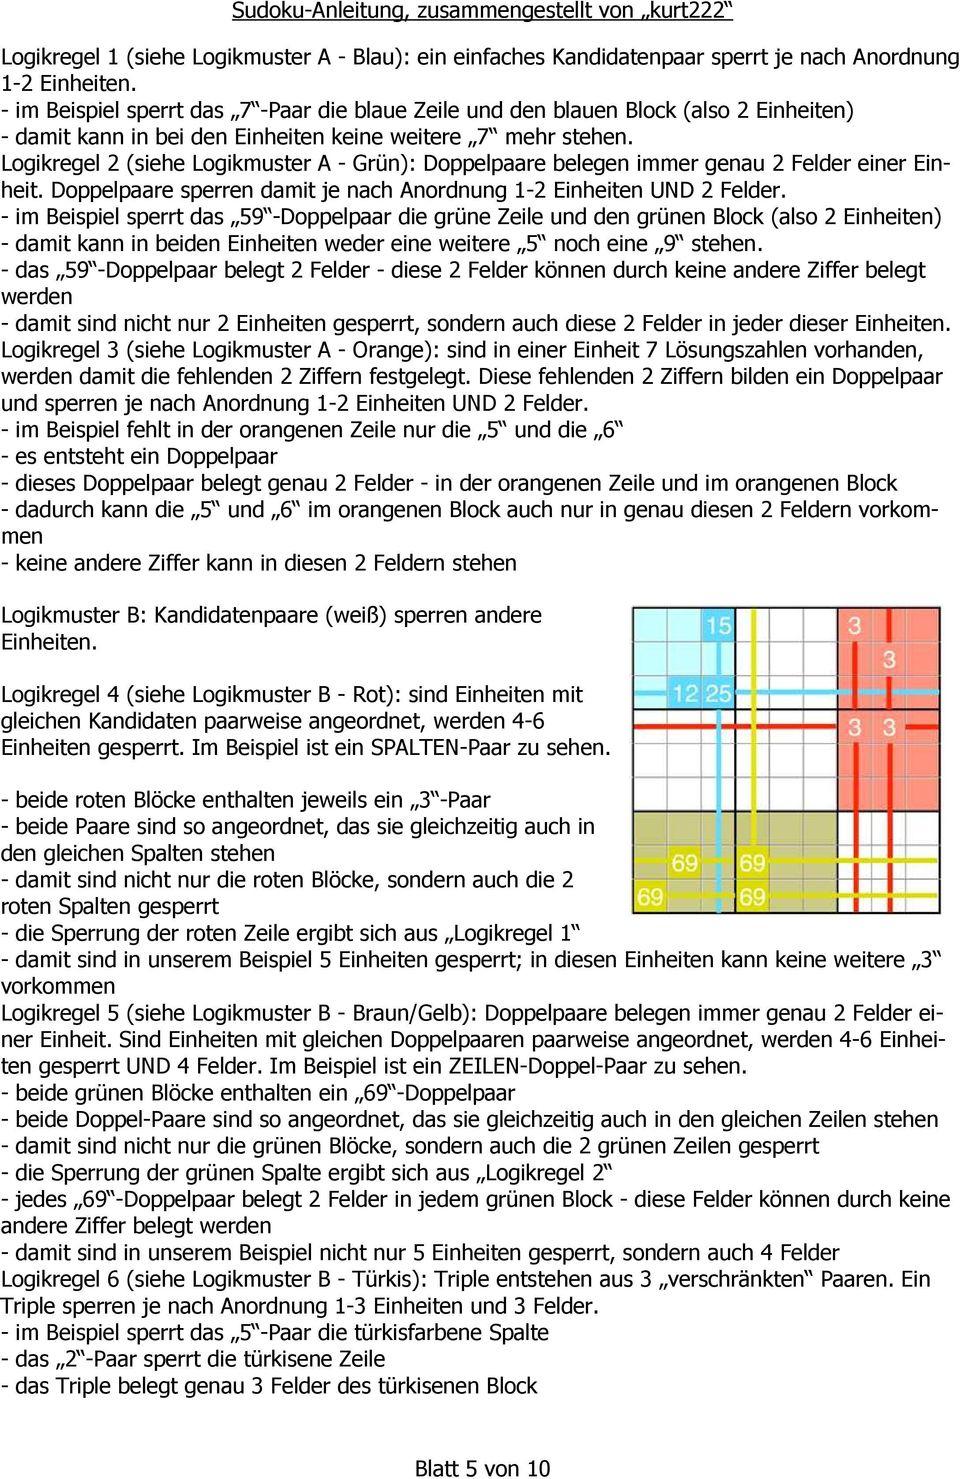 Sudoku - Anleitung. Und Seine Lösung - Pdf Kostenfreier bei Sudoku Anleitung